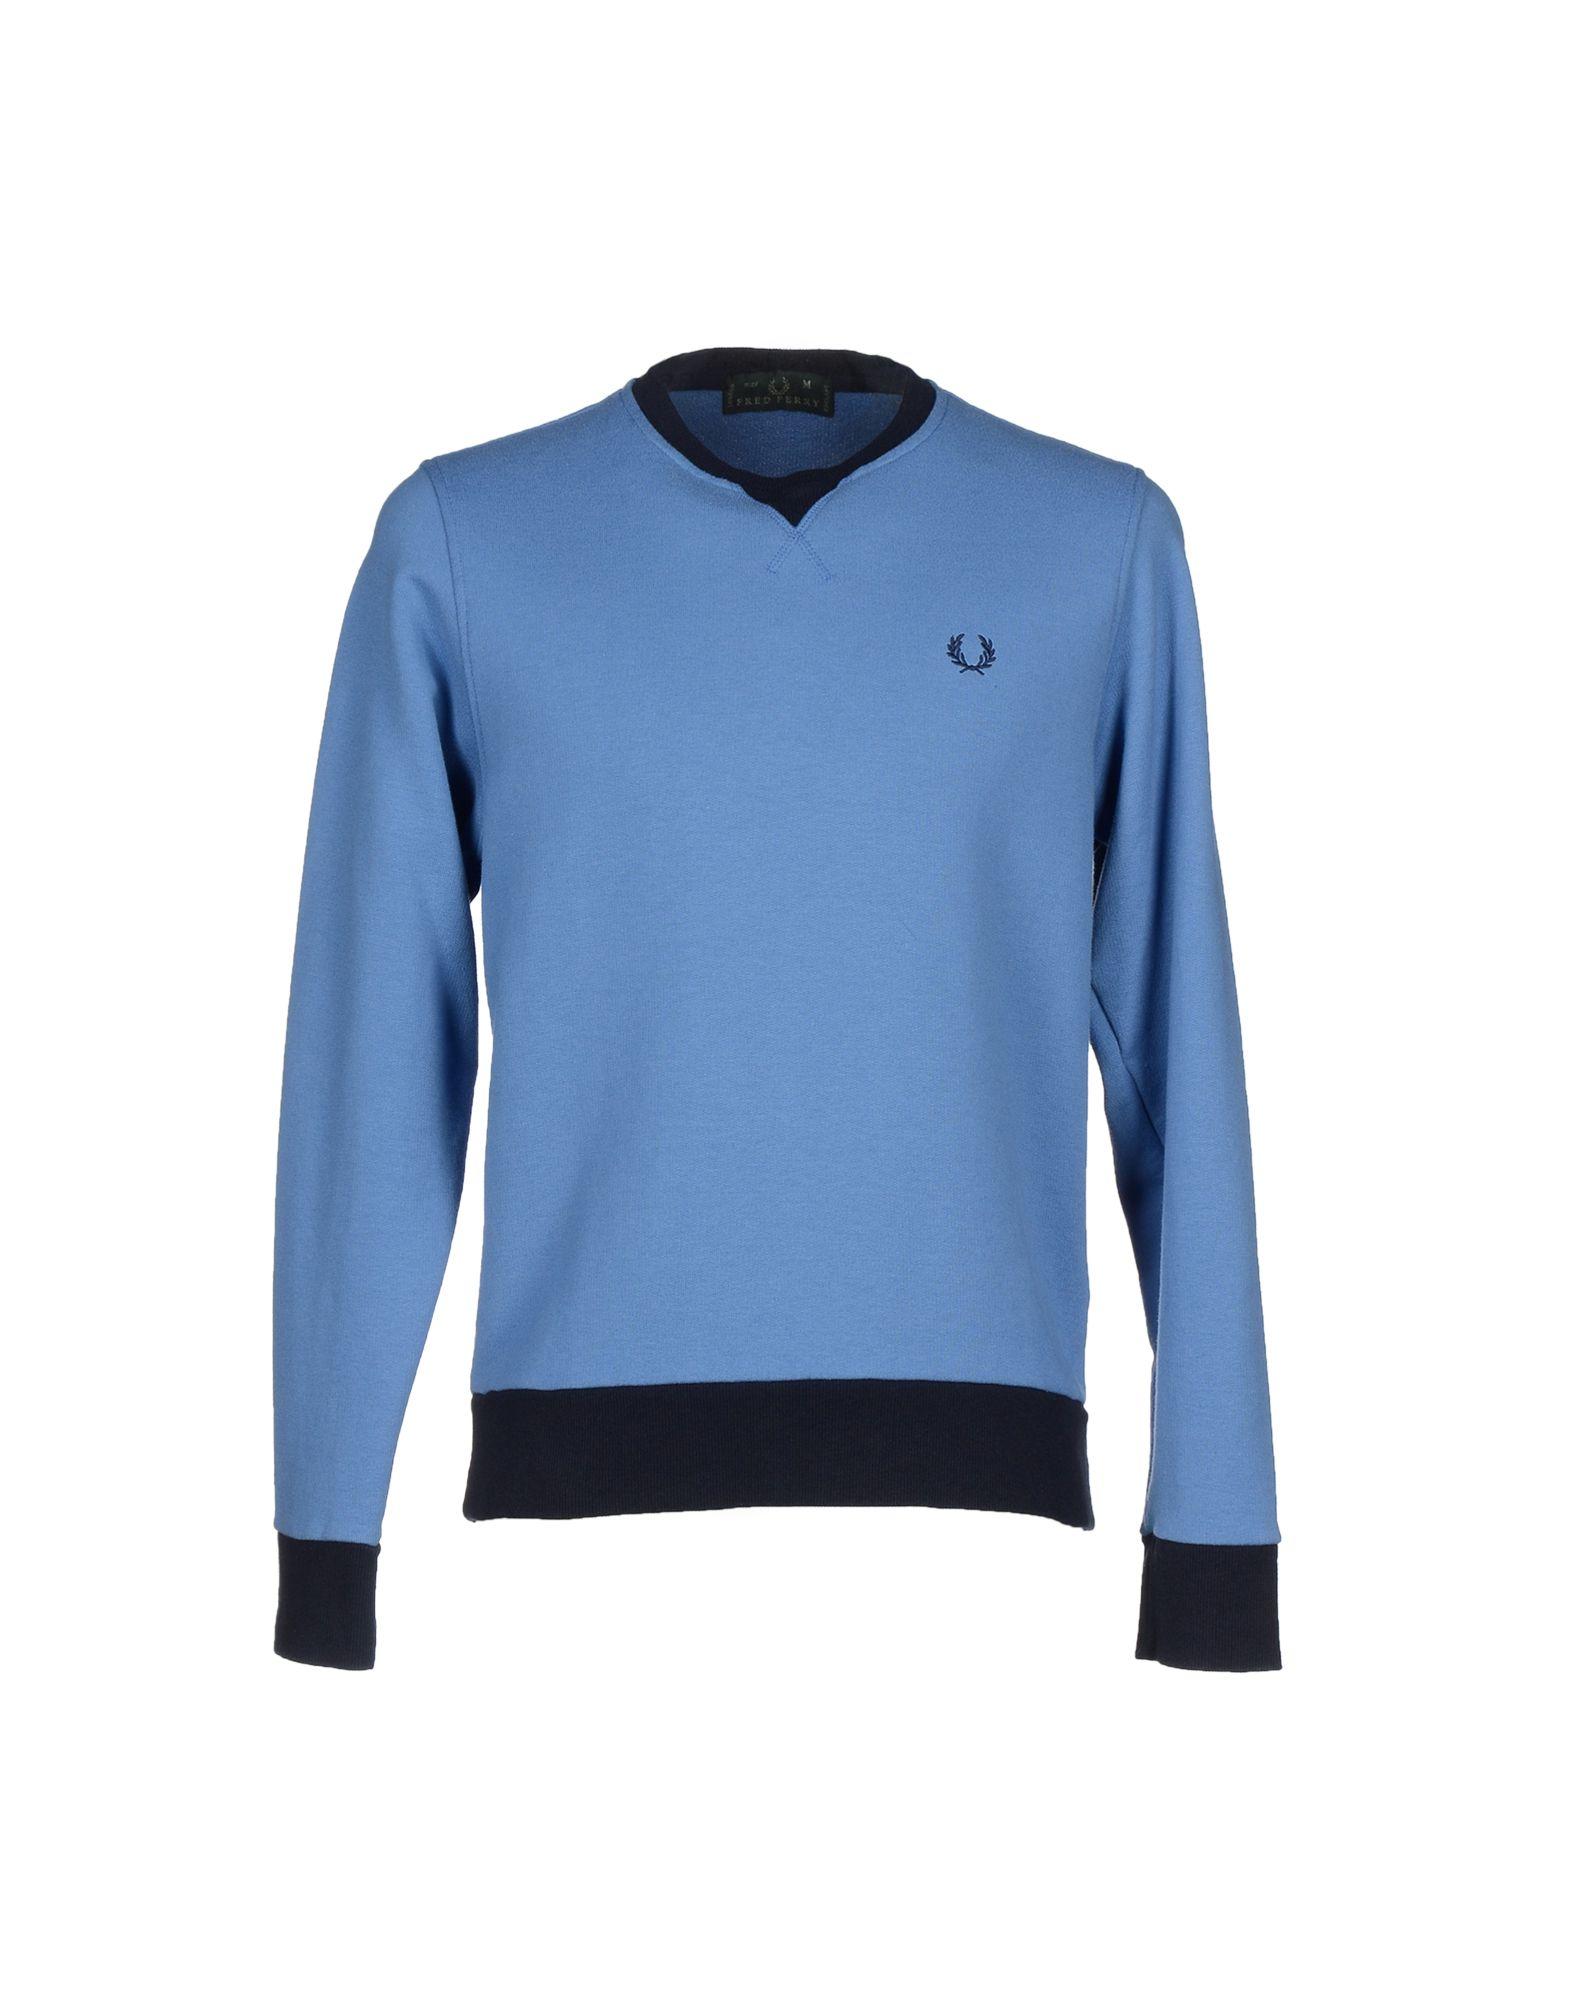 FRED PERRY Herren Sweatshirt Farbe Azurblau Größe 5